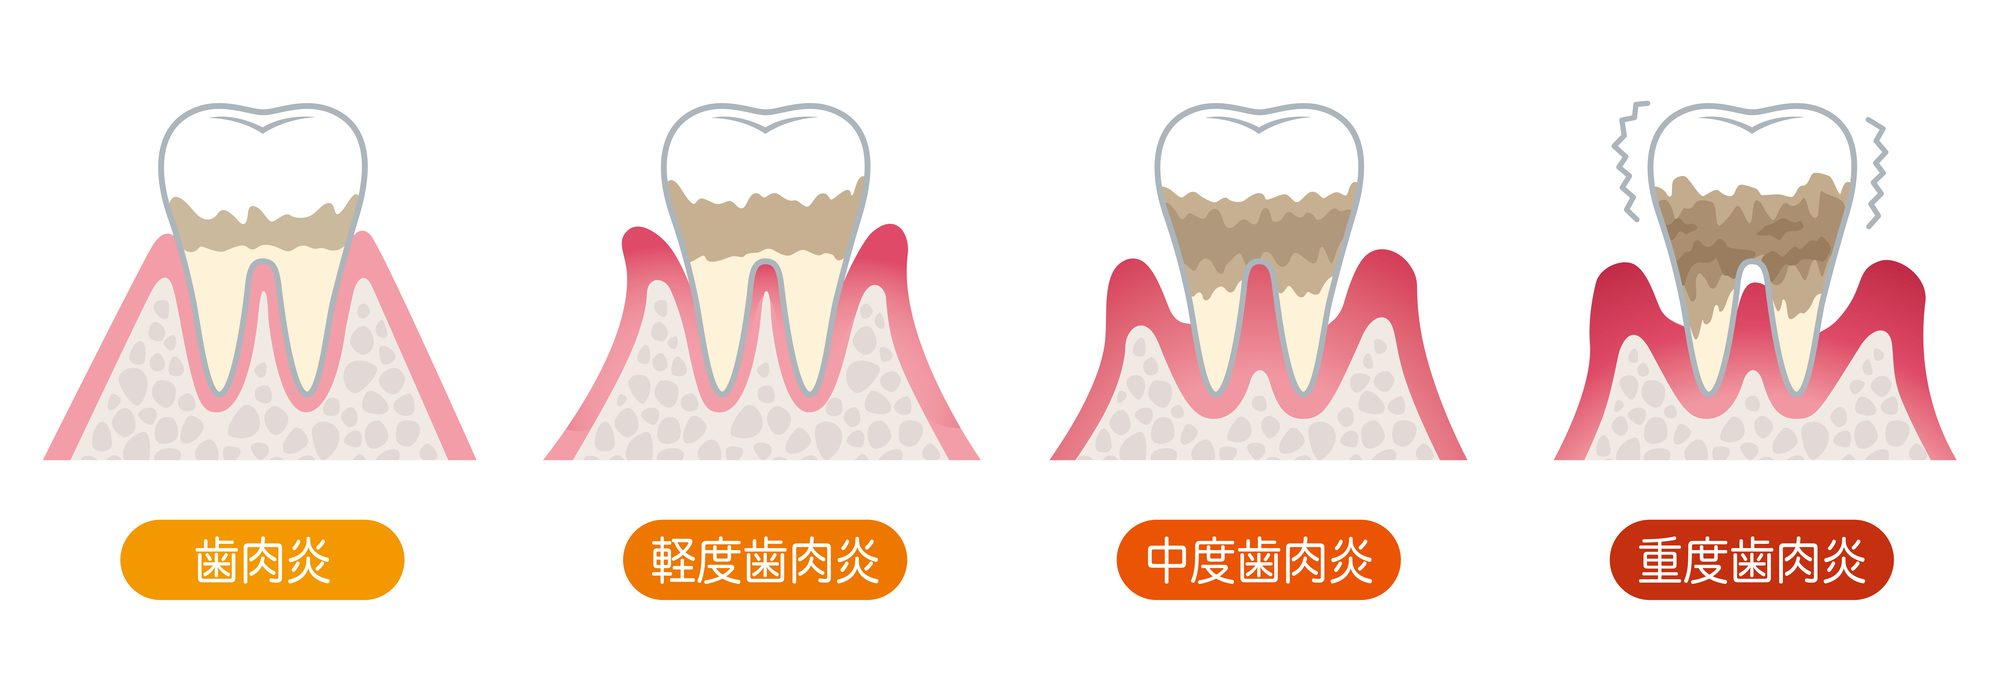 ステージ別歯周病